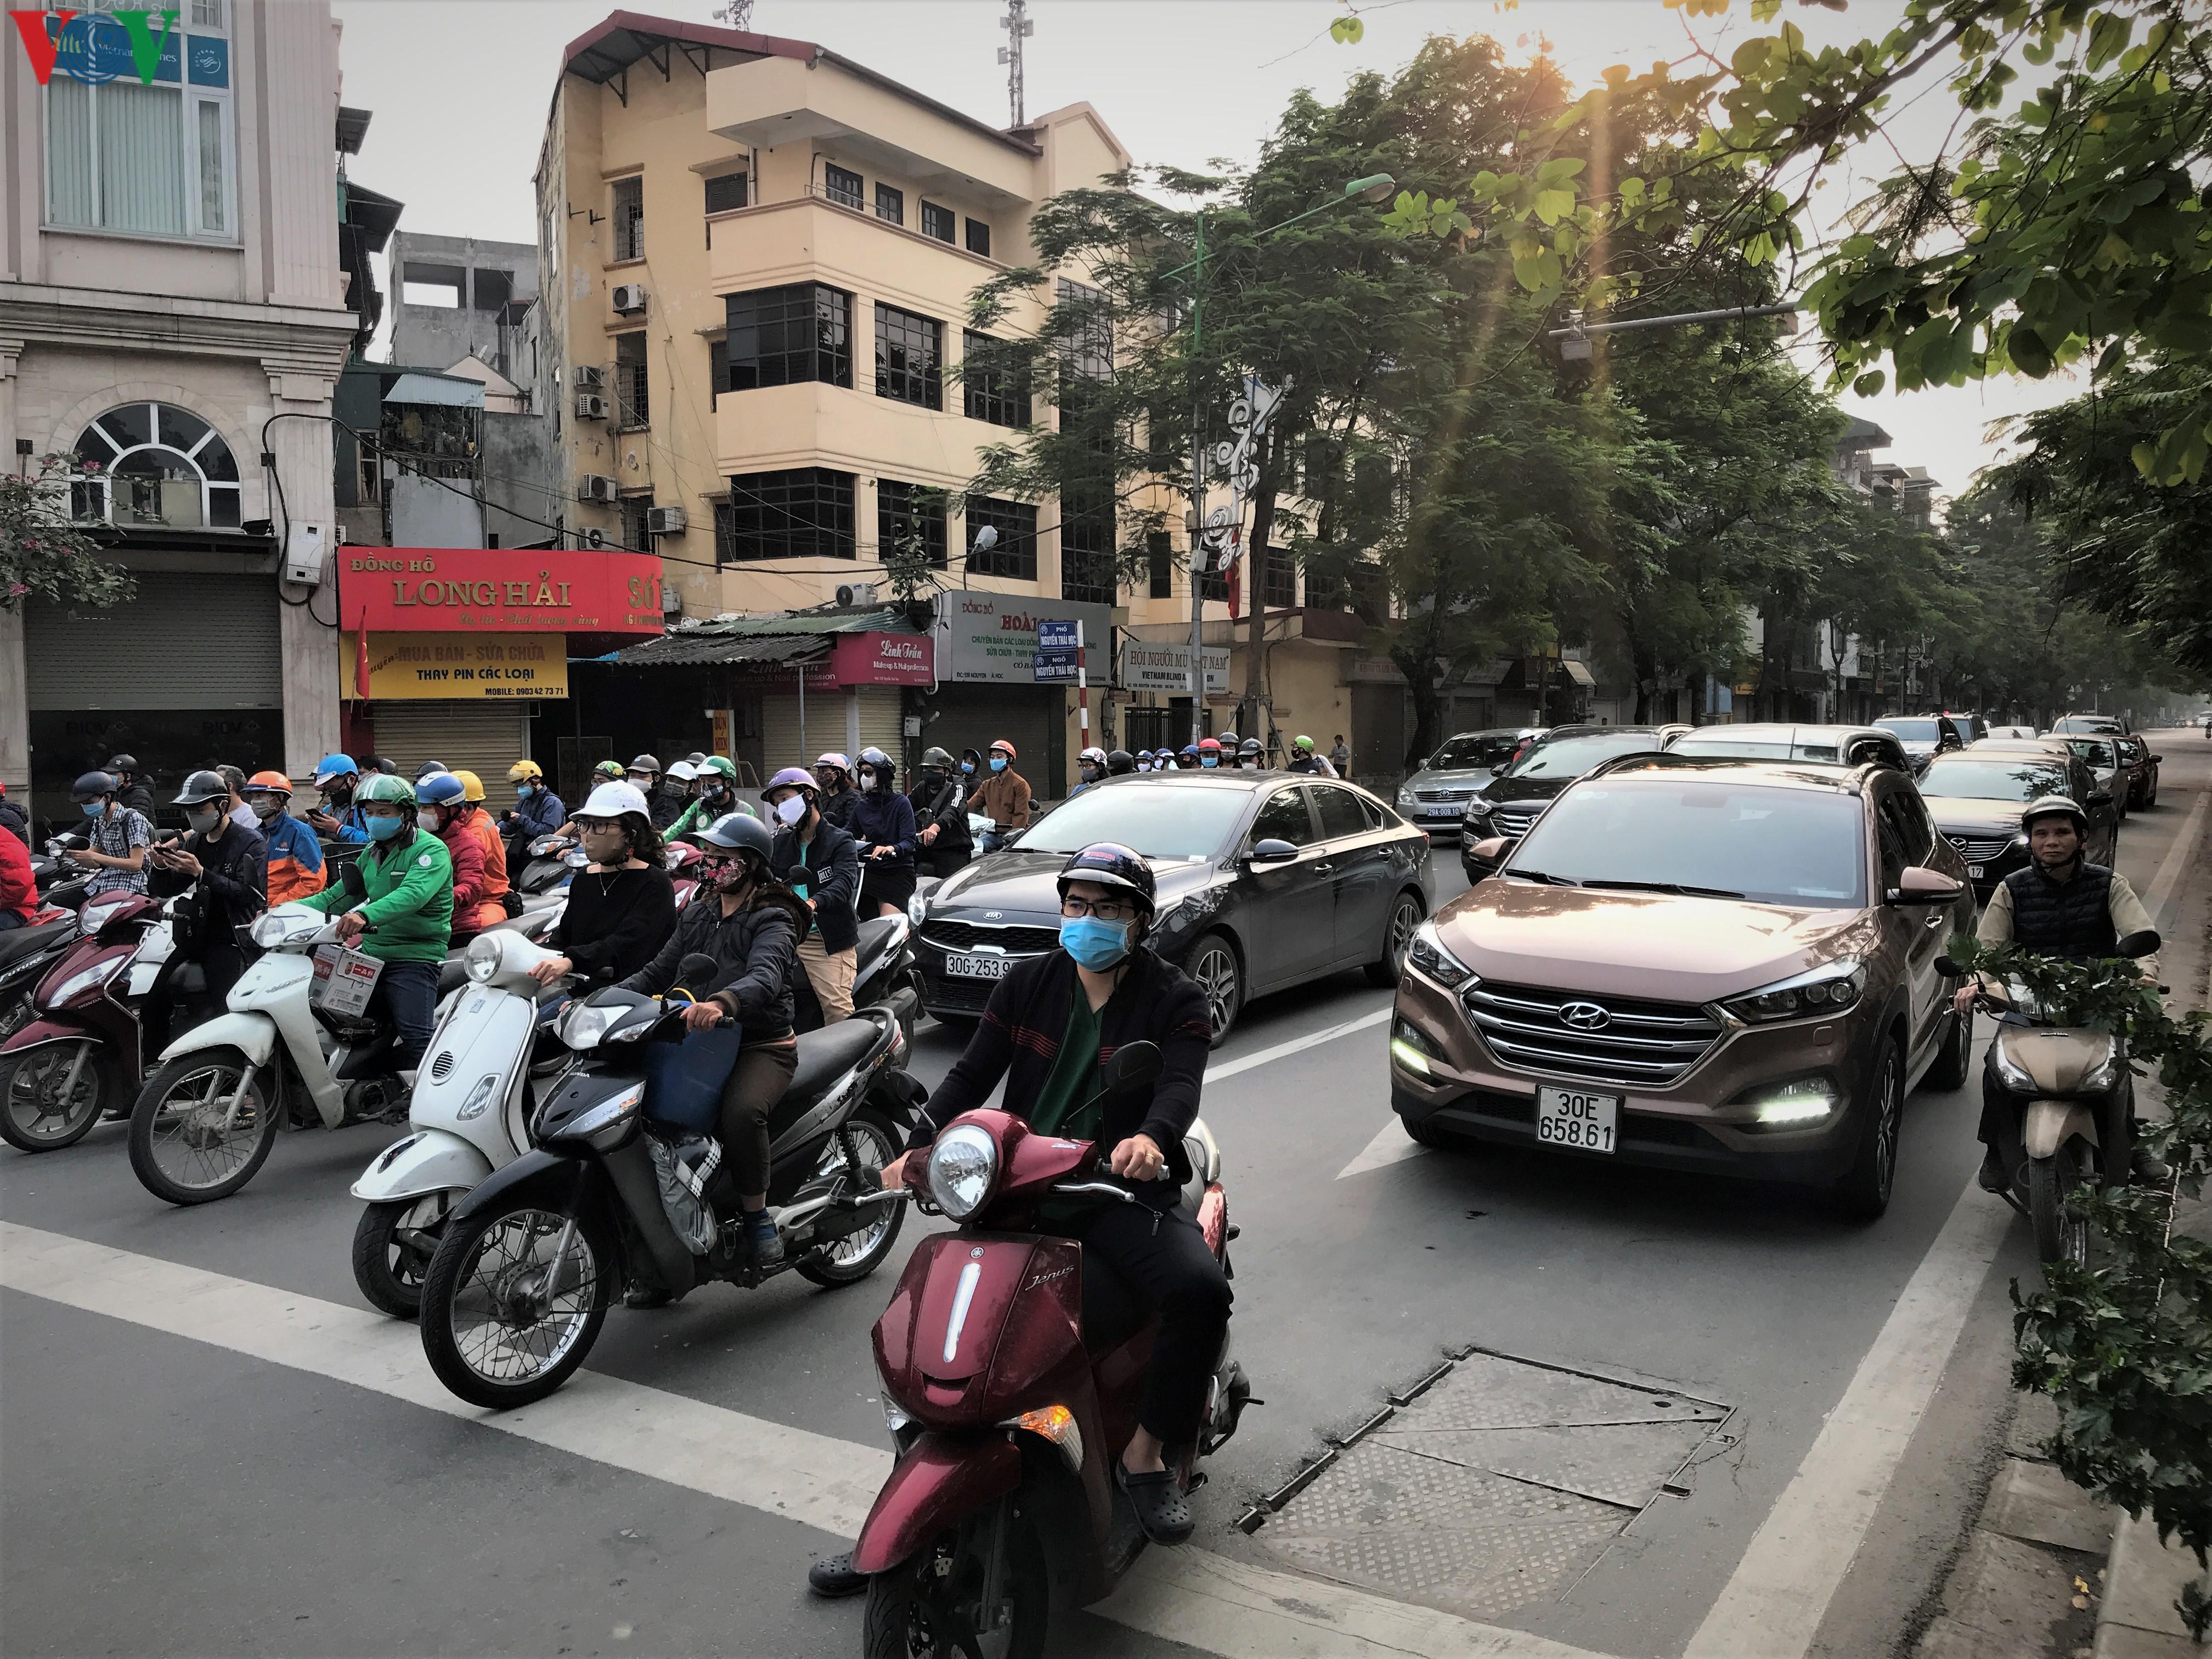 Ngày thứ 9 cách ly xã hội: Người và xe đông chật các ngã tư ở Hà Nội Ảnh 1